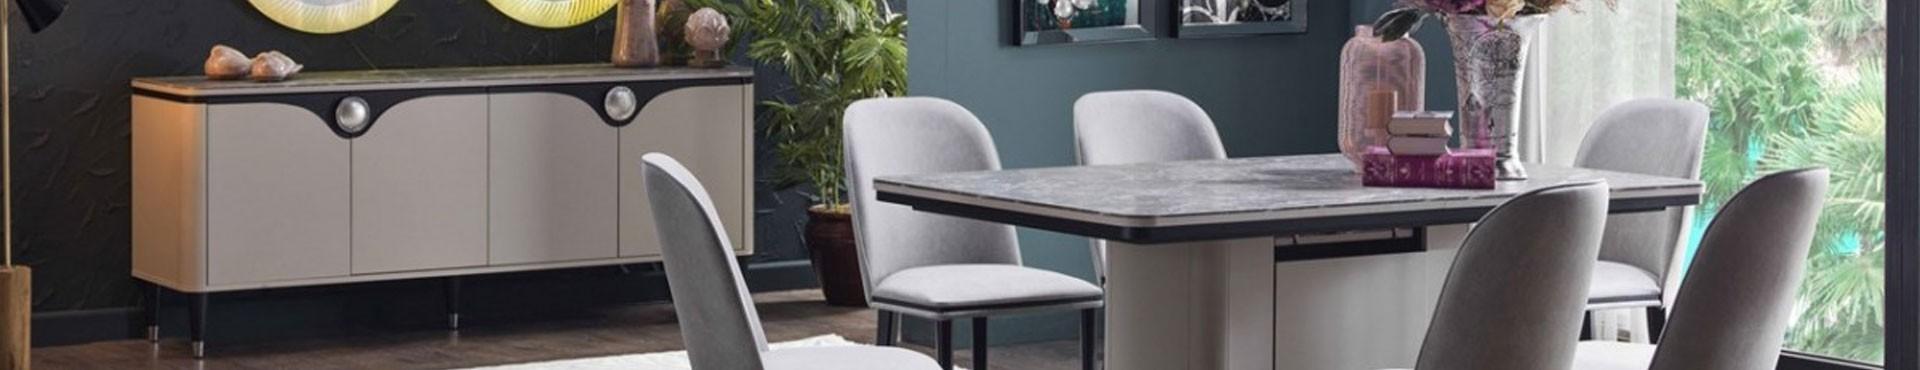 Seturi Dining Room | Mobila de calitate Bellona